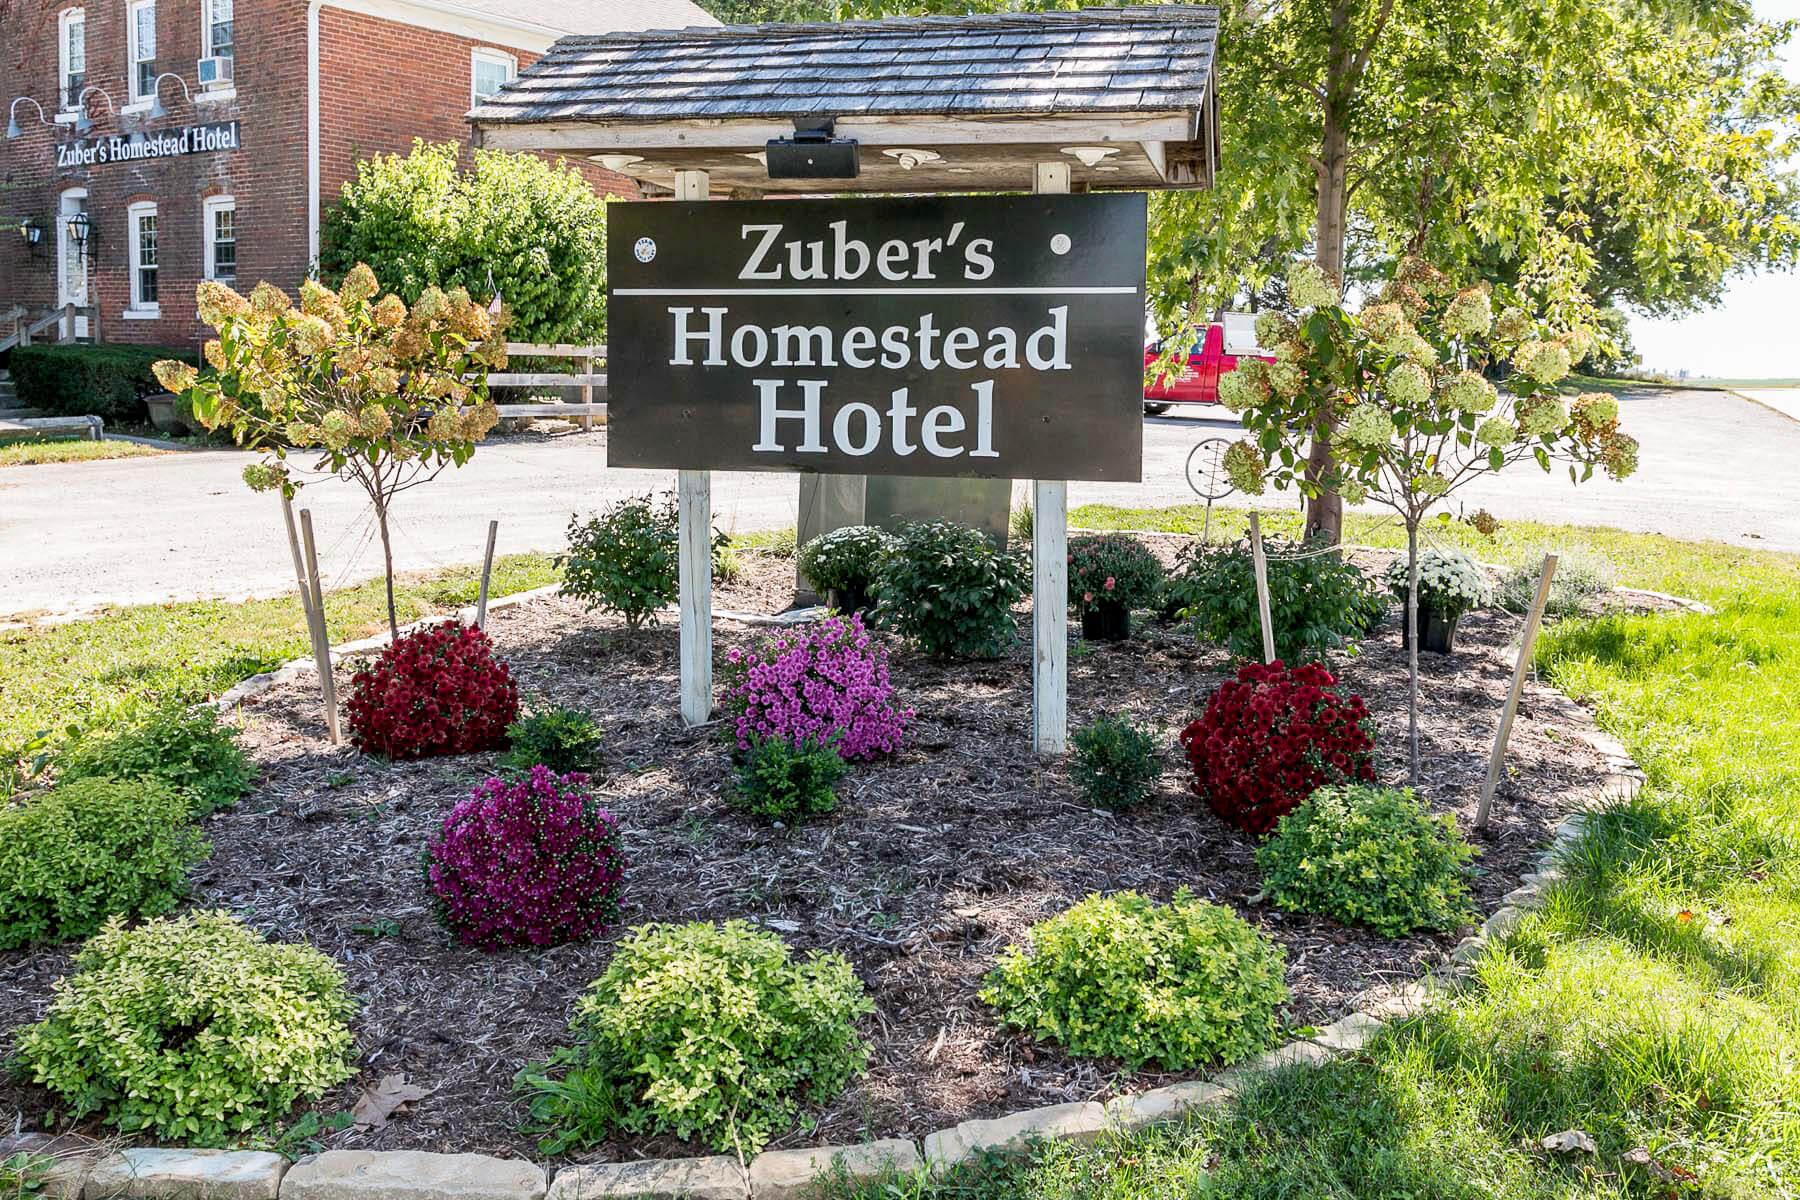 Zuber's Homestead Hotel in Amana Colonies, Iowa